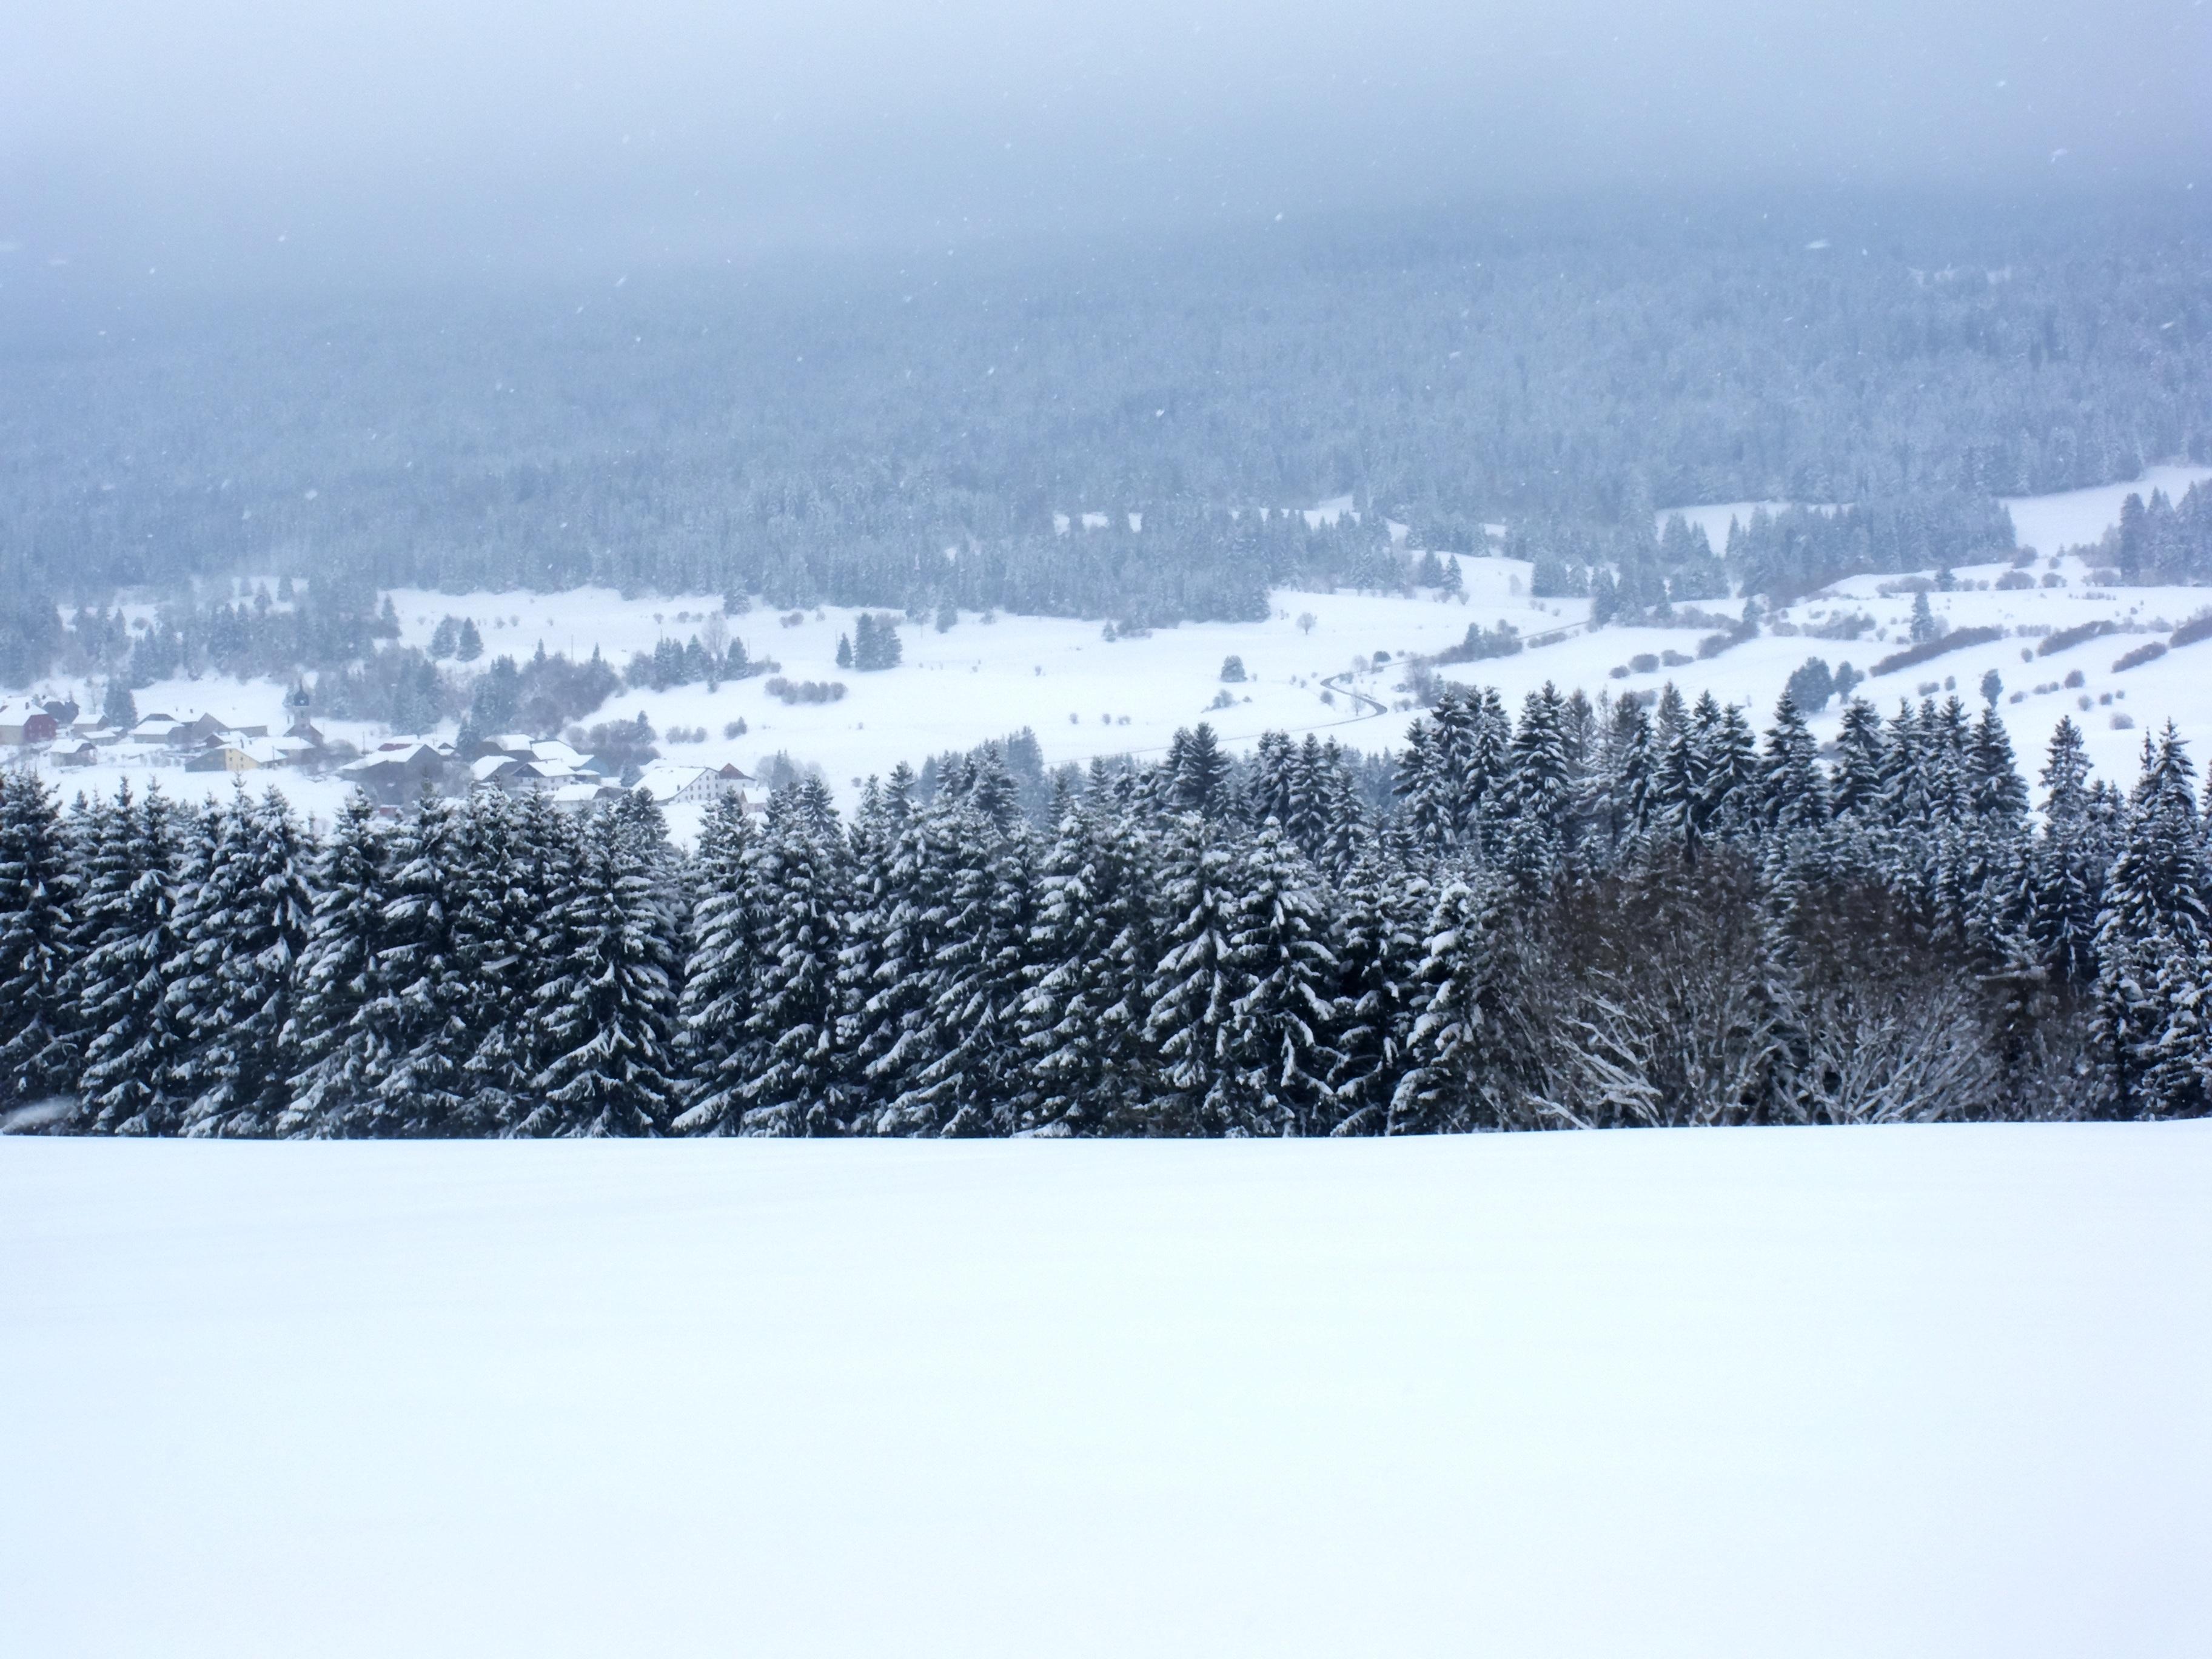 hình ảnh : phong cảnh, thiên nhiên, lạnh, mùa đông, đám mây, Sương mù, sương mù, trắng, sương giá, dãy núi, Thời tiết, cây thông, Mùa, Phong cảnh mùa đông, ...